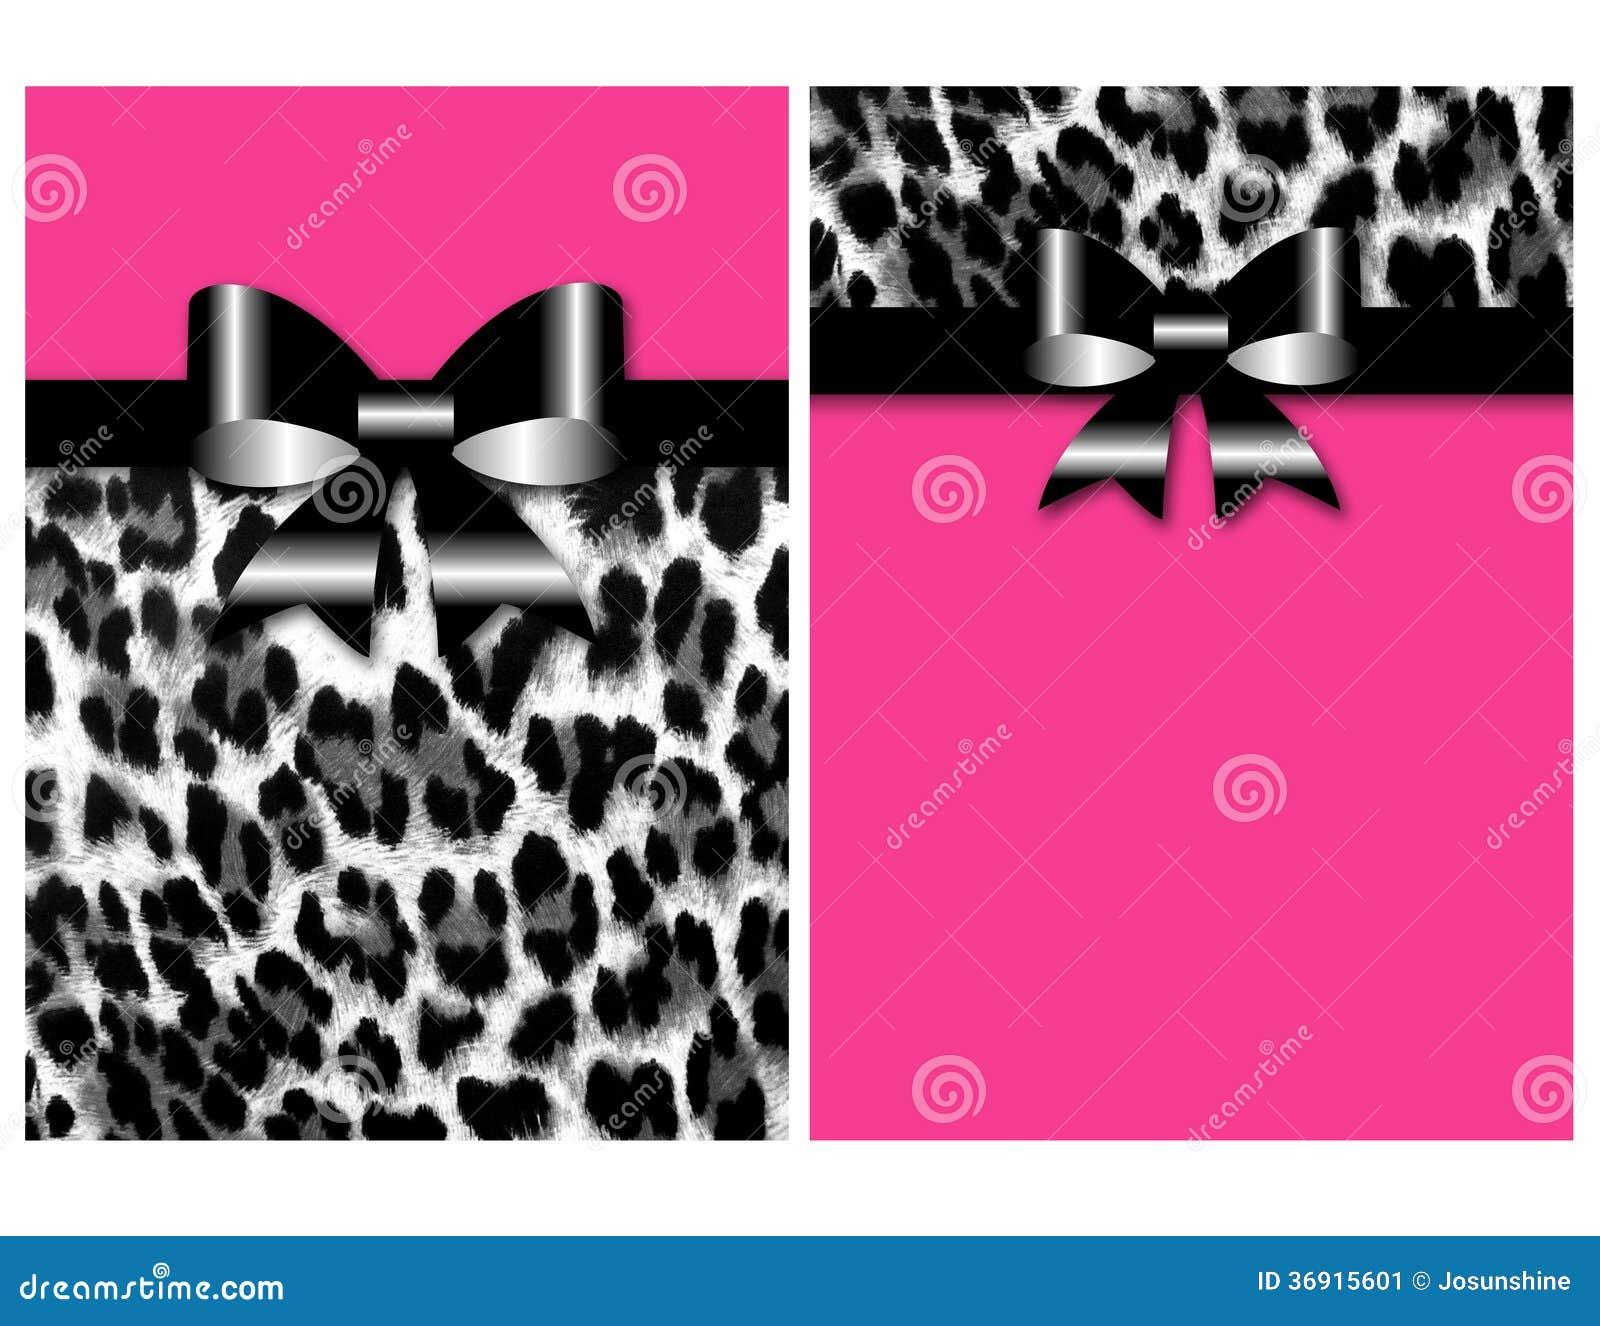 Leopard Invitation was perfect invitations design